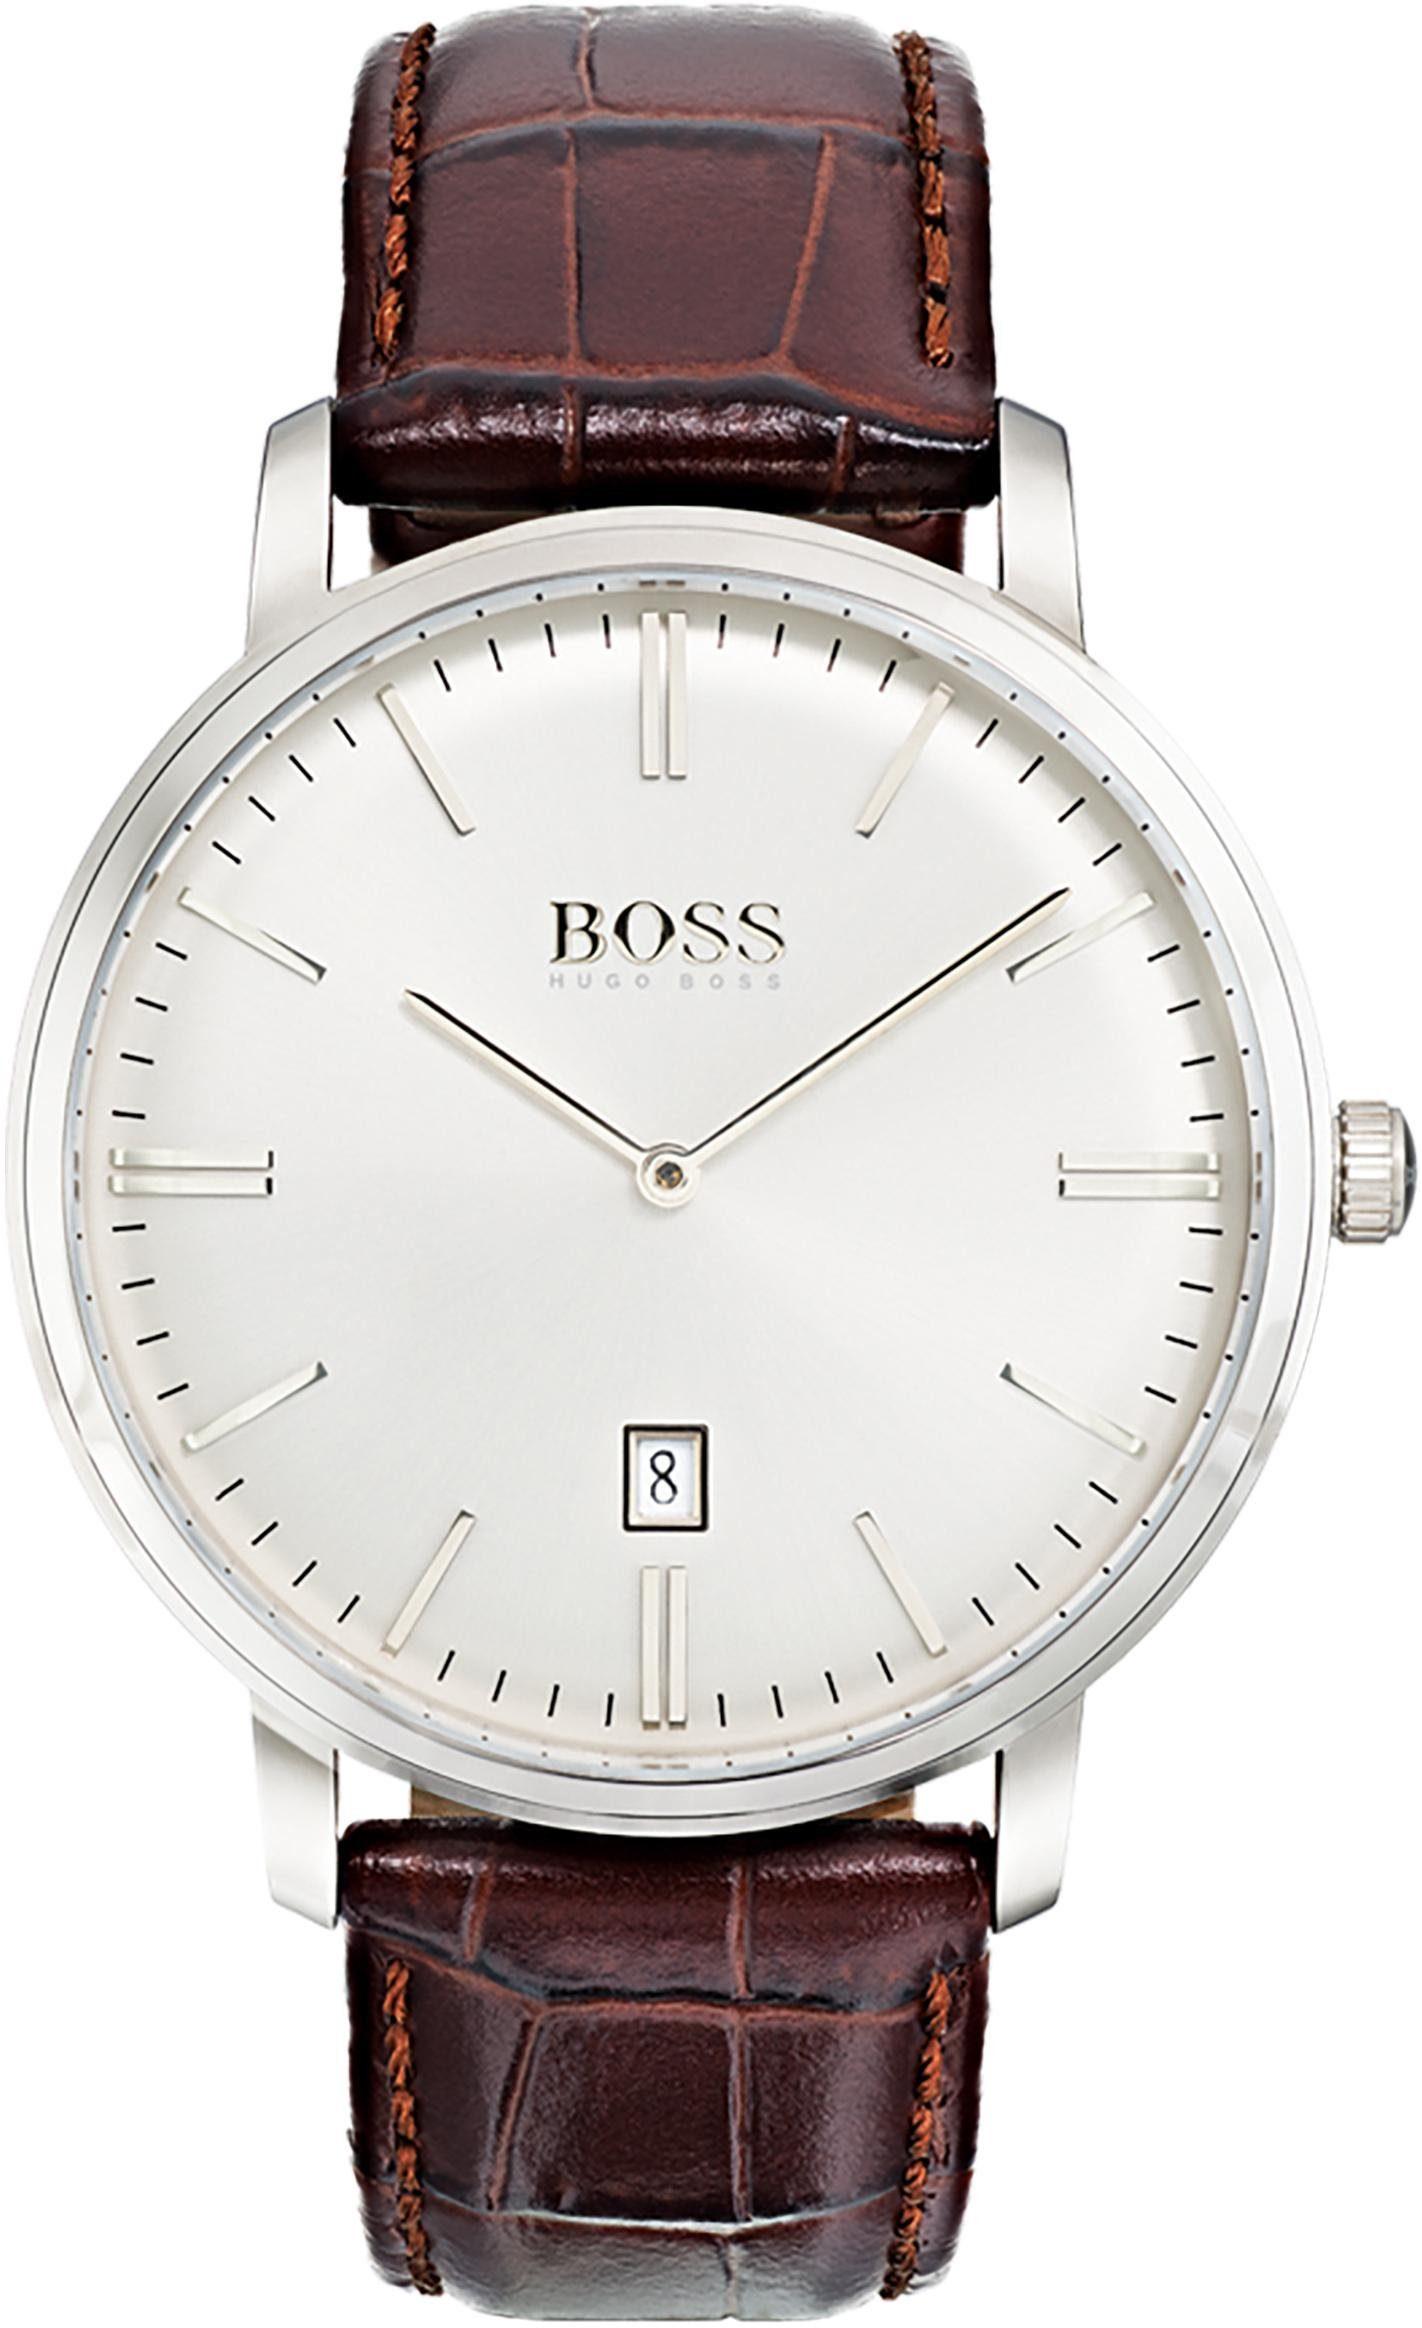 Boss Quarzuhr »Tradition Classic, 1513462«